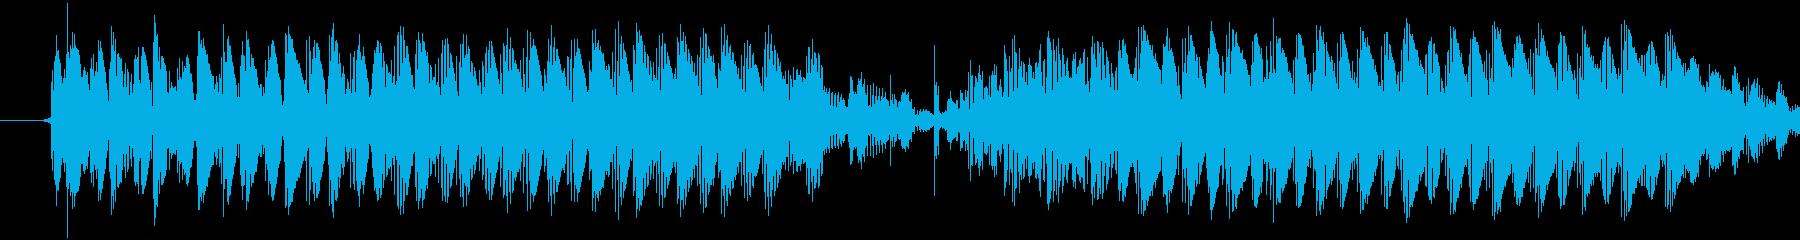 【効果音/危険/アラーム/ブービー】の再生済みの波形